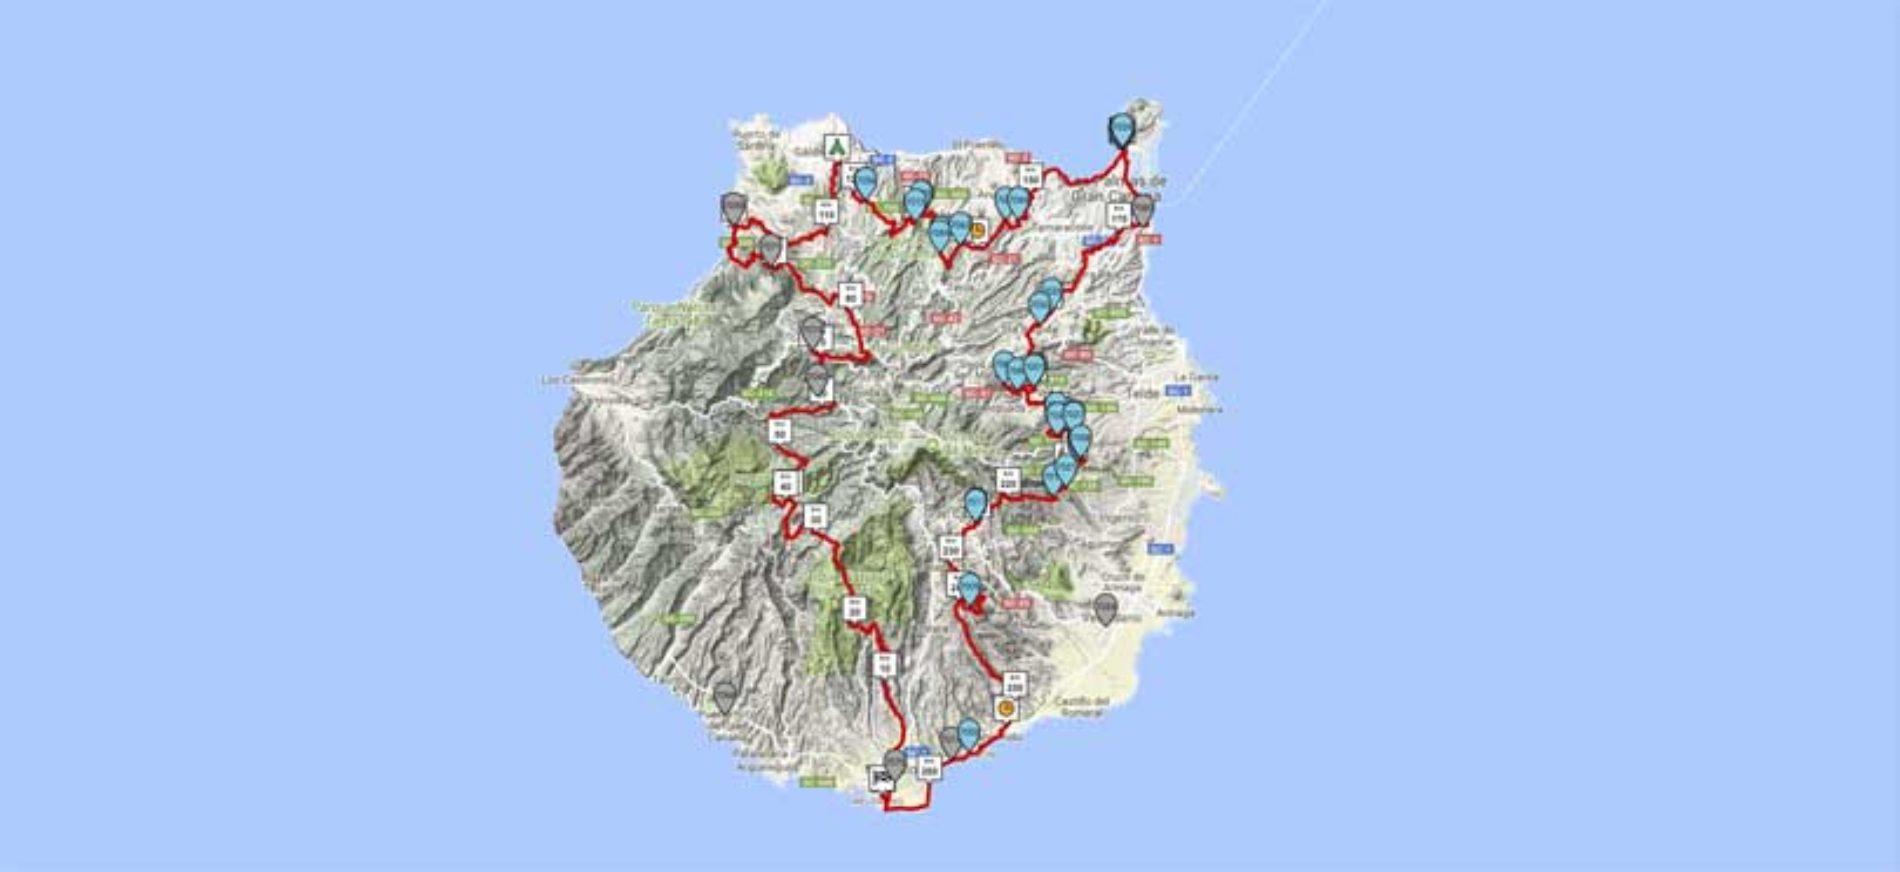 De første løperne i Transgrancanaria kommer i mål!